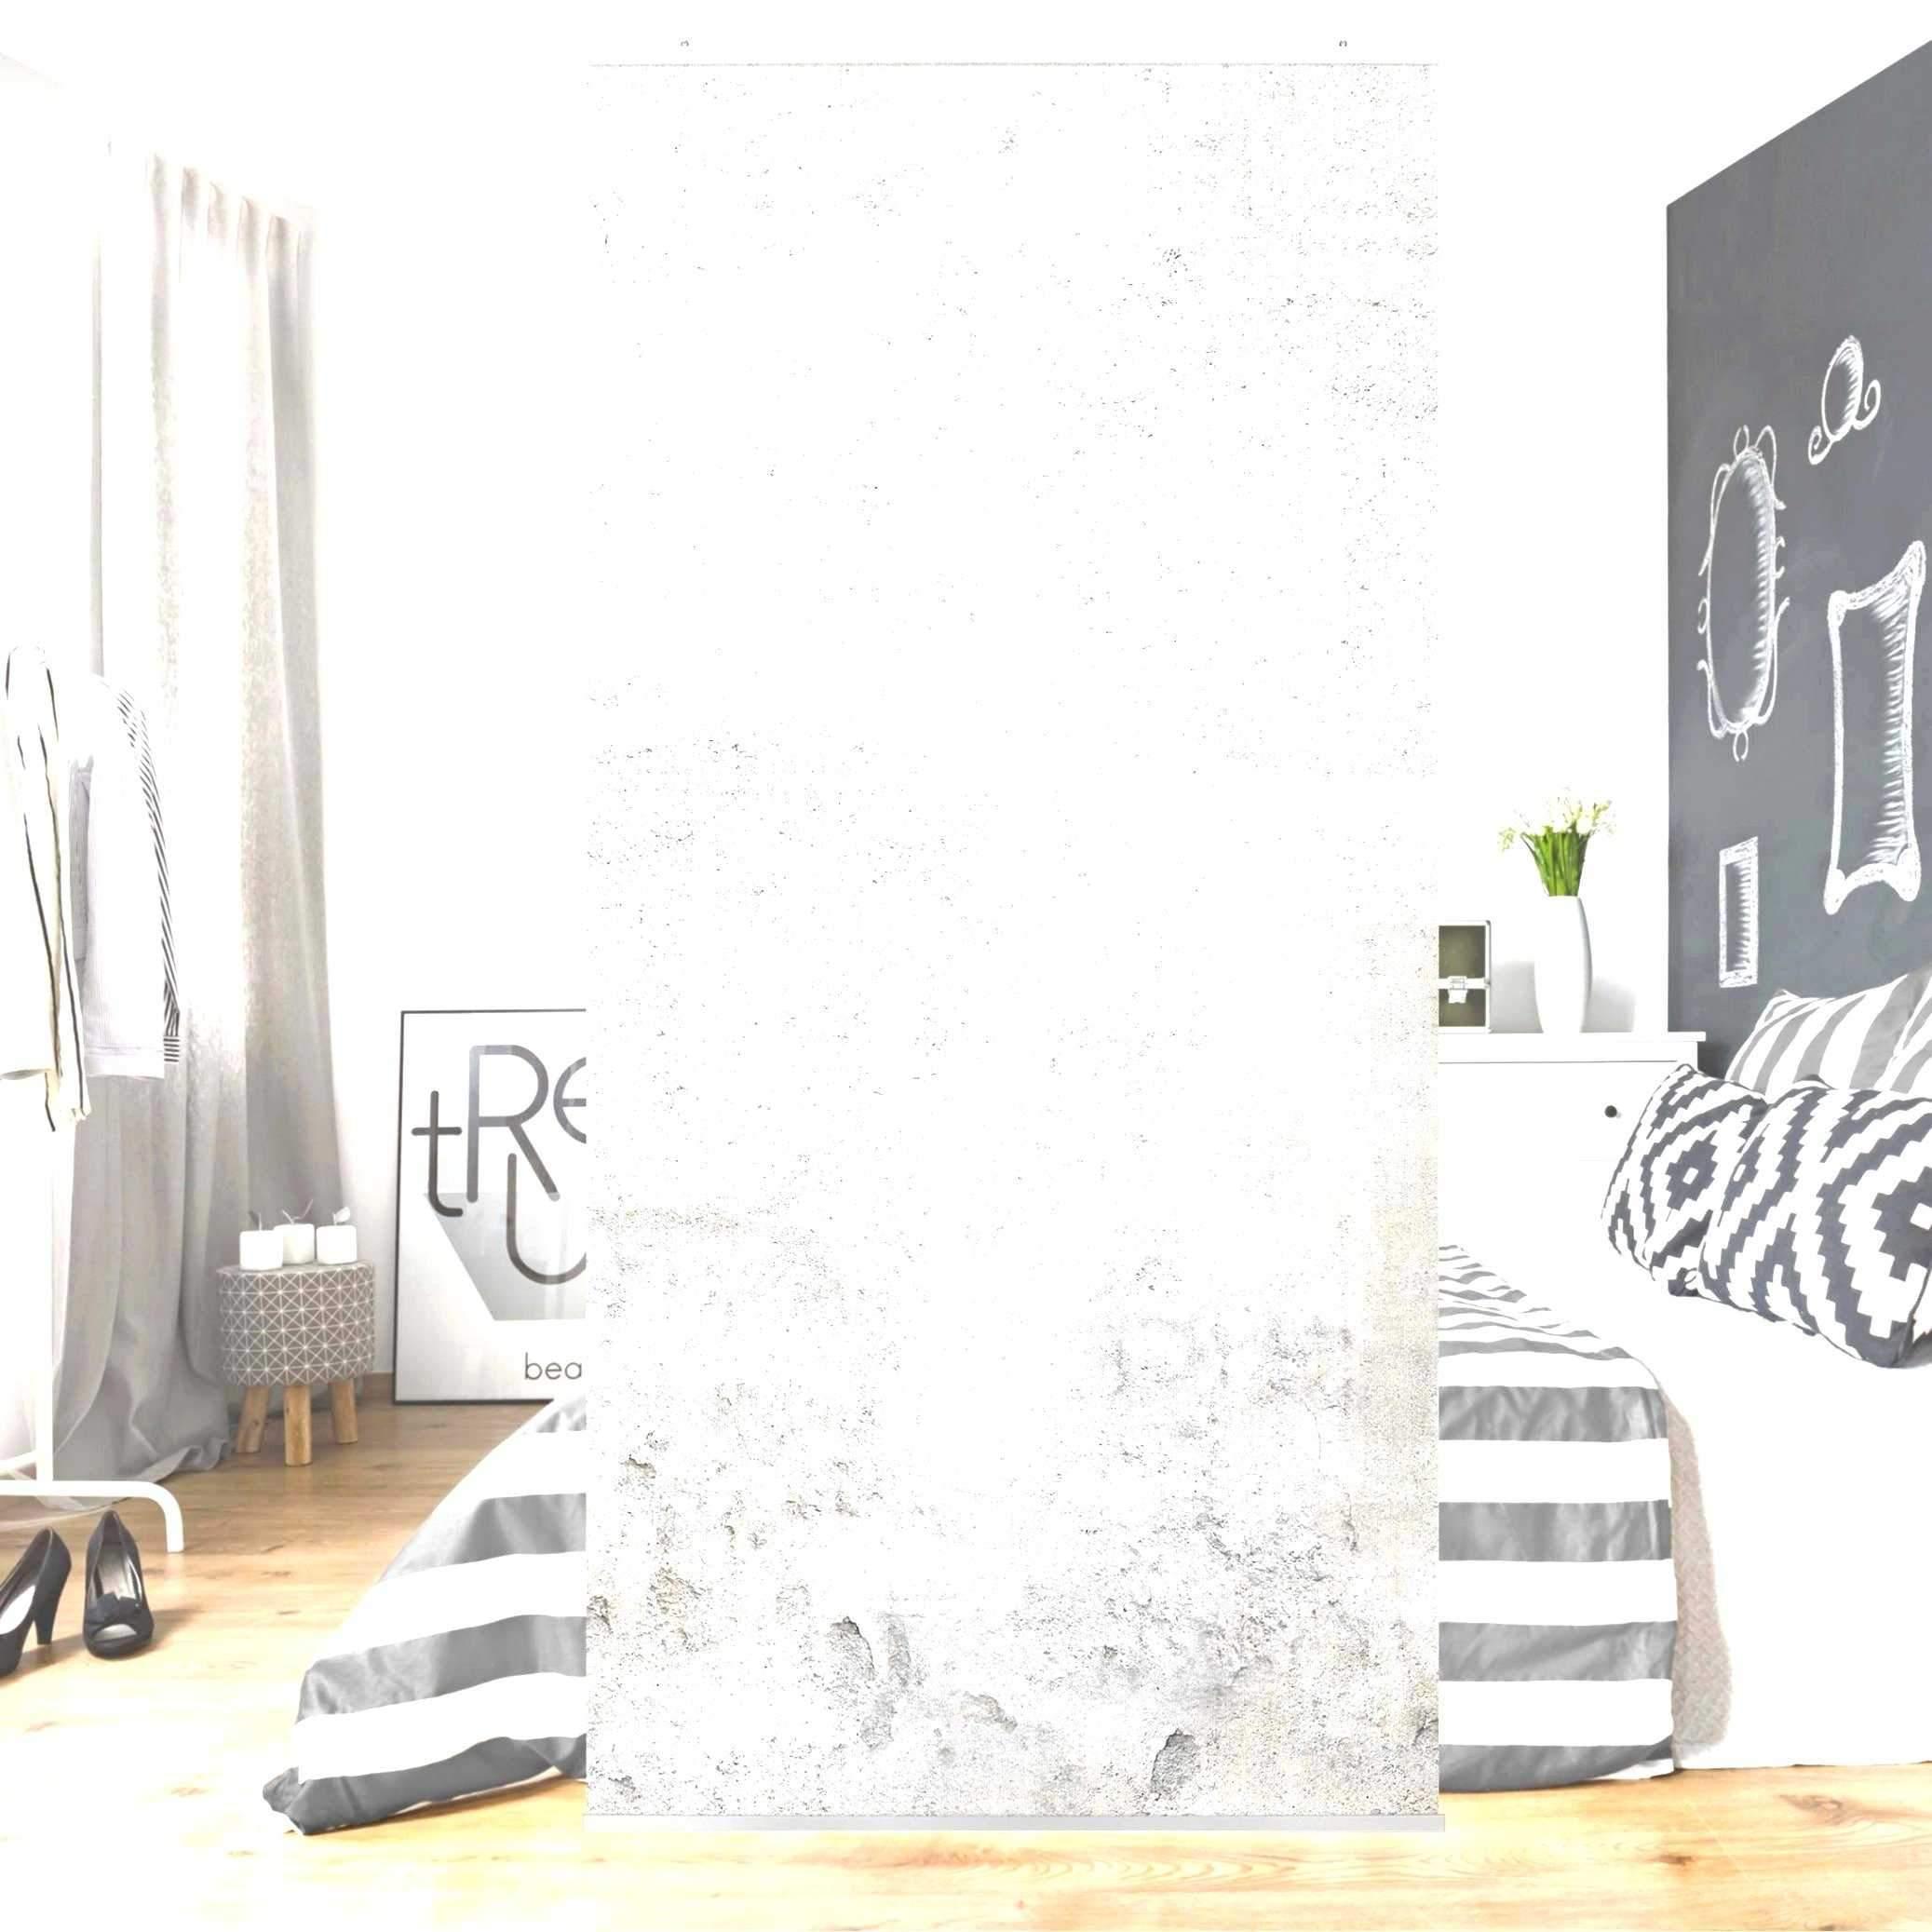 wohnzimmer im landhausstil luxus 40 beste von deckenleuchte wohnzimmer landhaus design of wohnzimmer im landhausstil